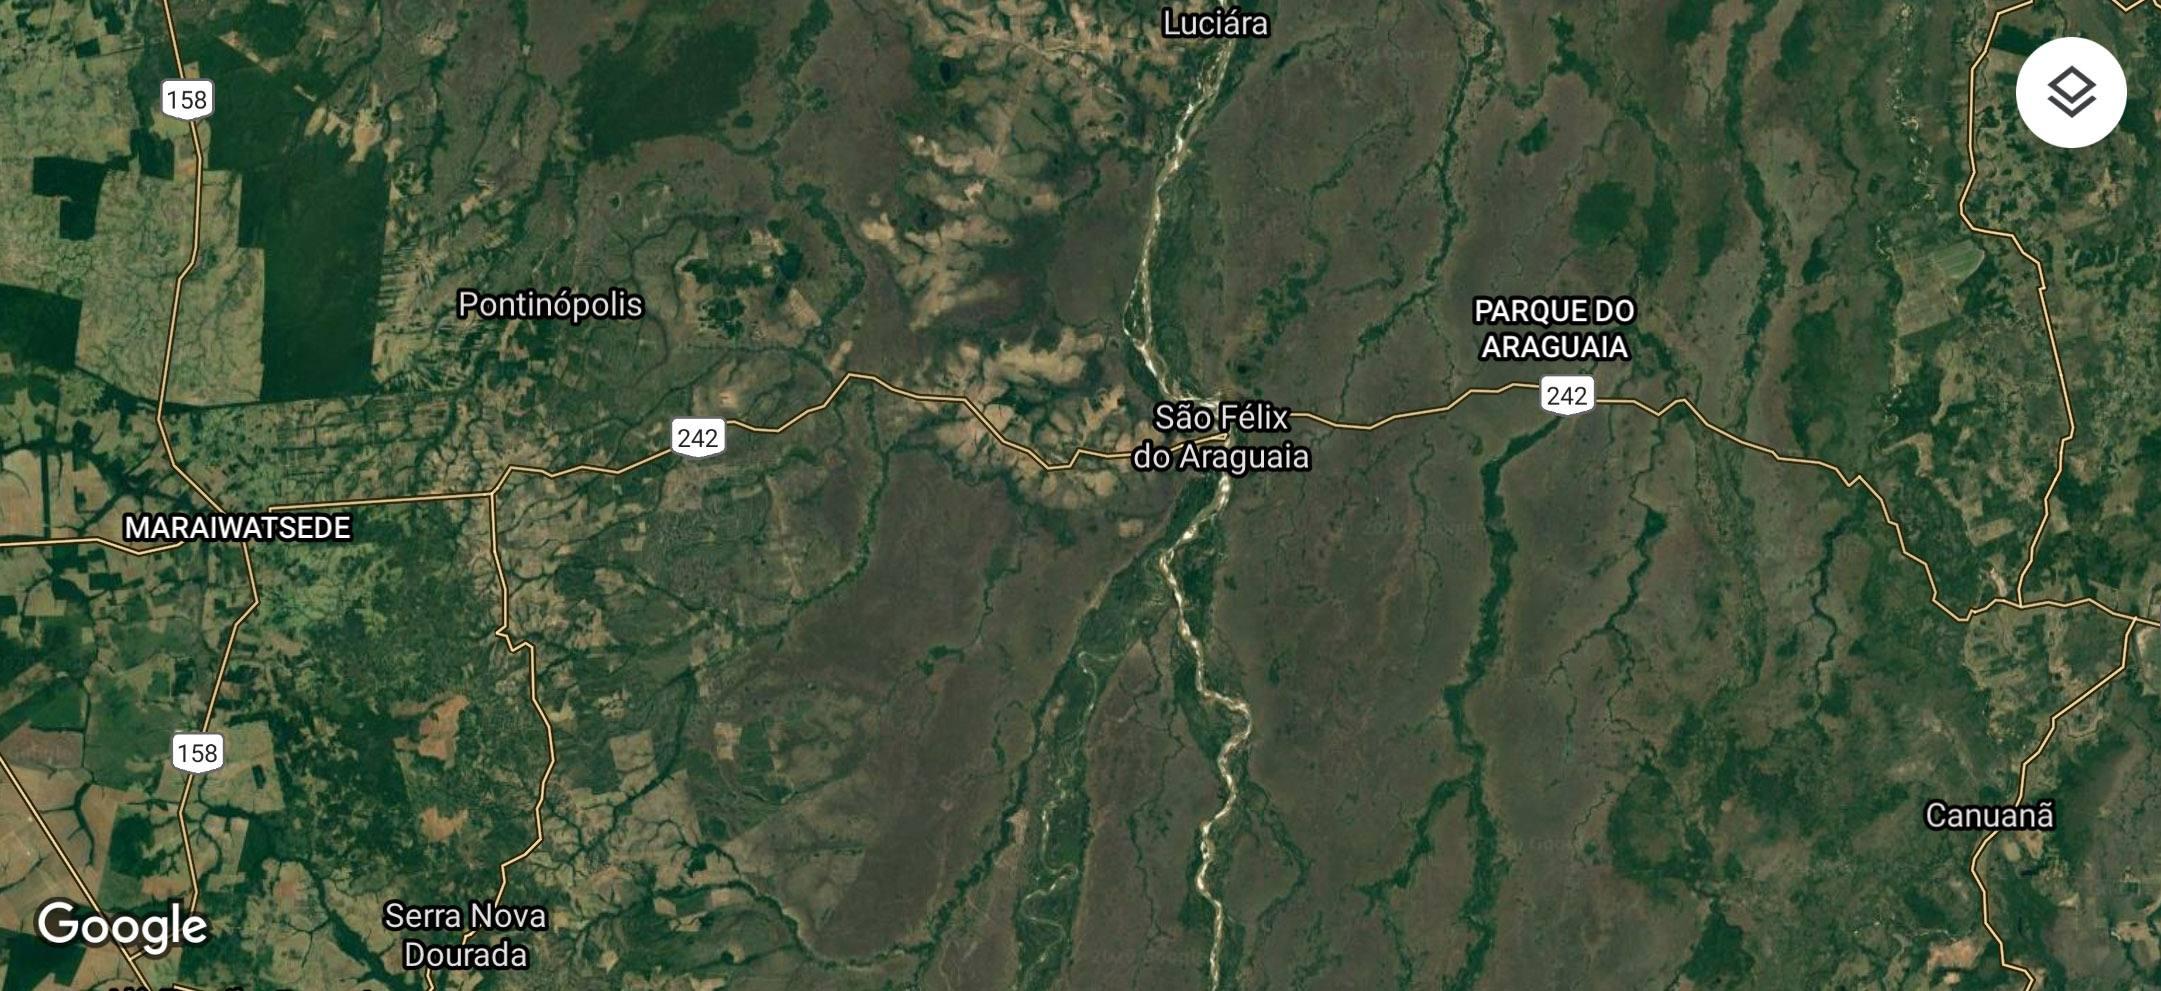 L'entorn de São Félix do Araguaia